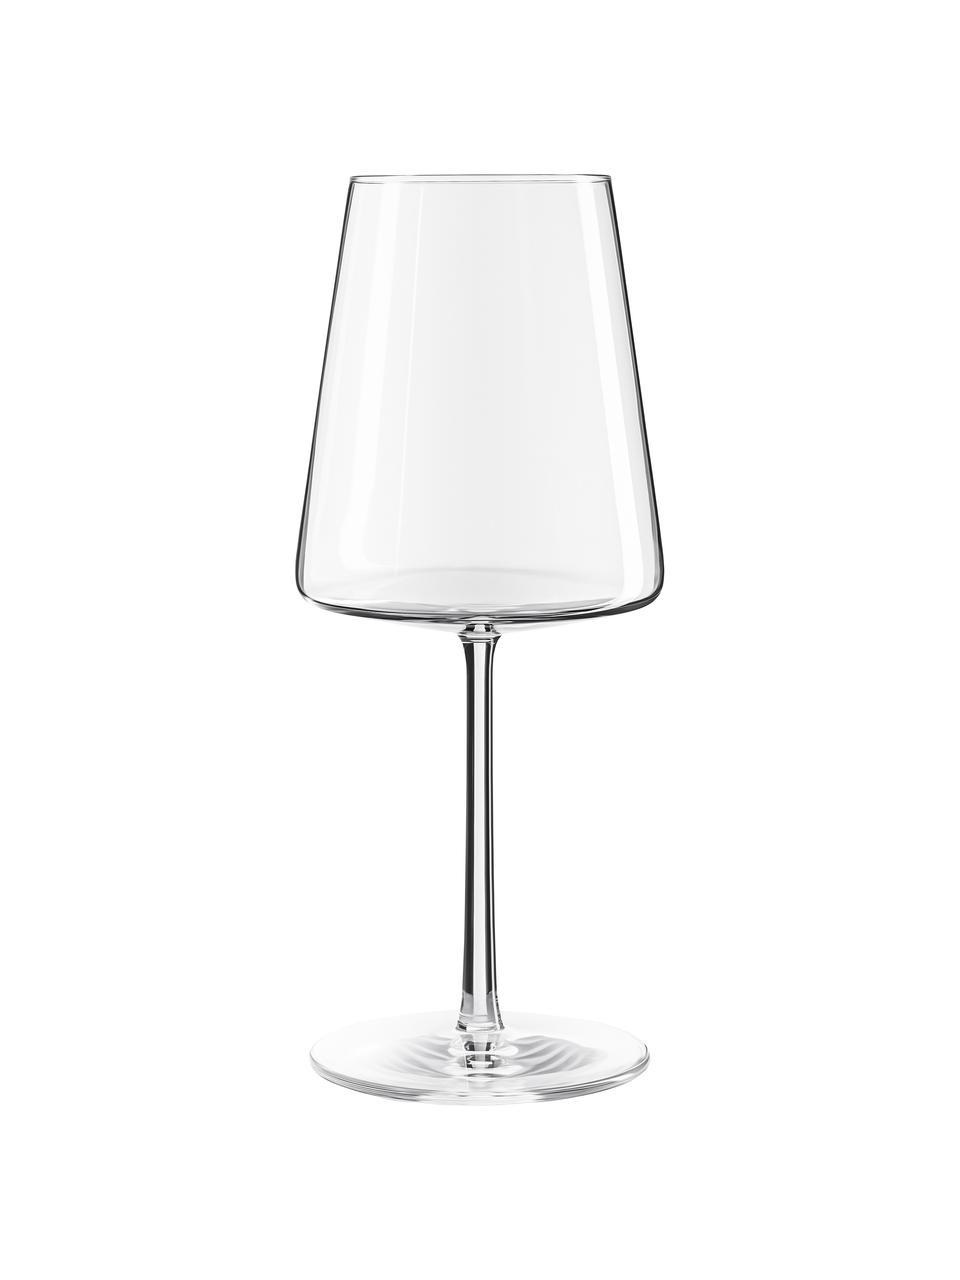 Kristallen rode wijnglazen Power in kegelvorm, 6 stuks, Kristalglas, Transparant, Ø 9 x H 23 cm